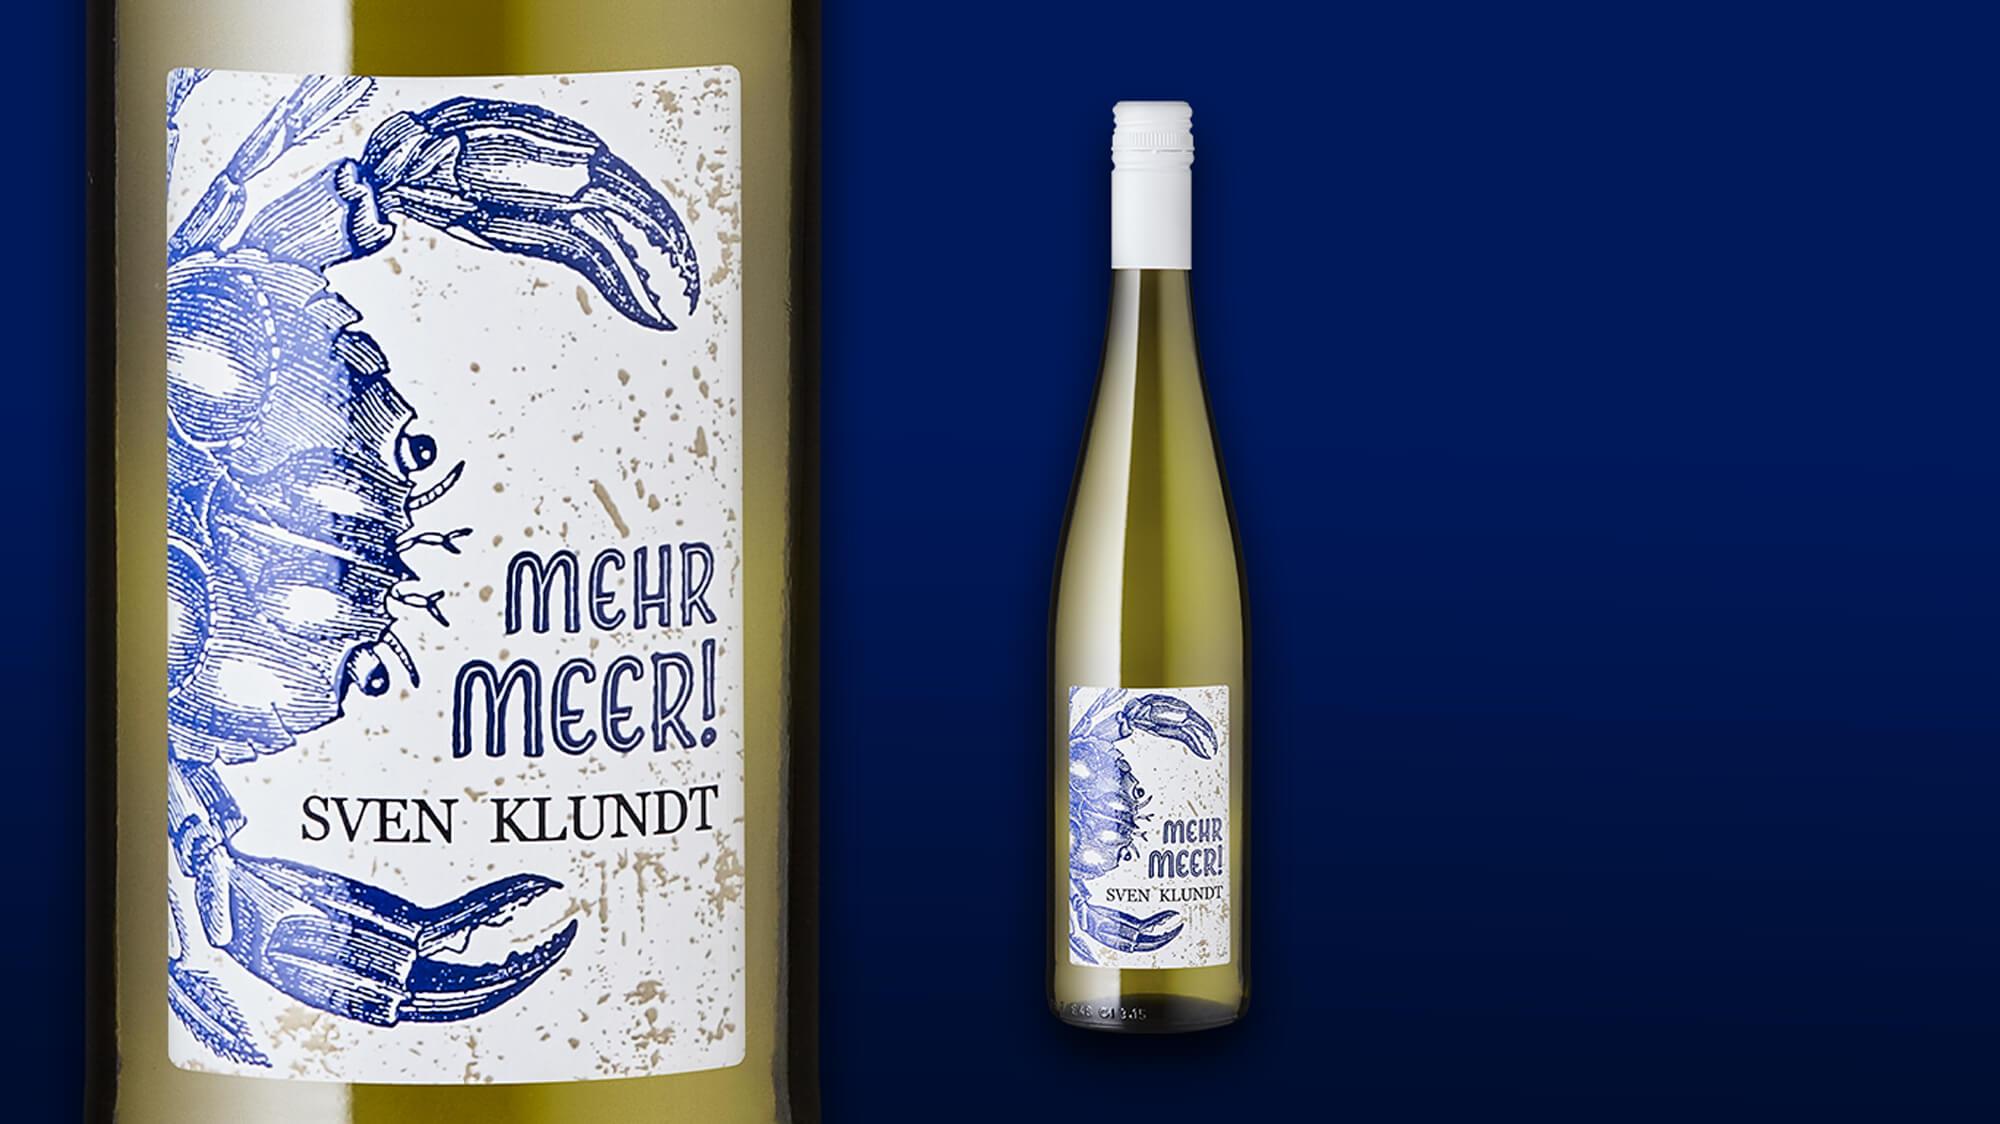 Etikett und Flasche des Weines »Mehr Meer« des Weingutes Klundt